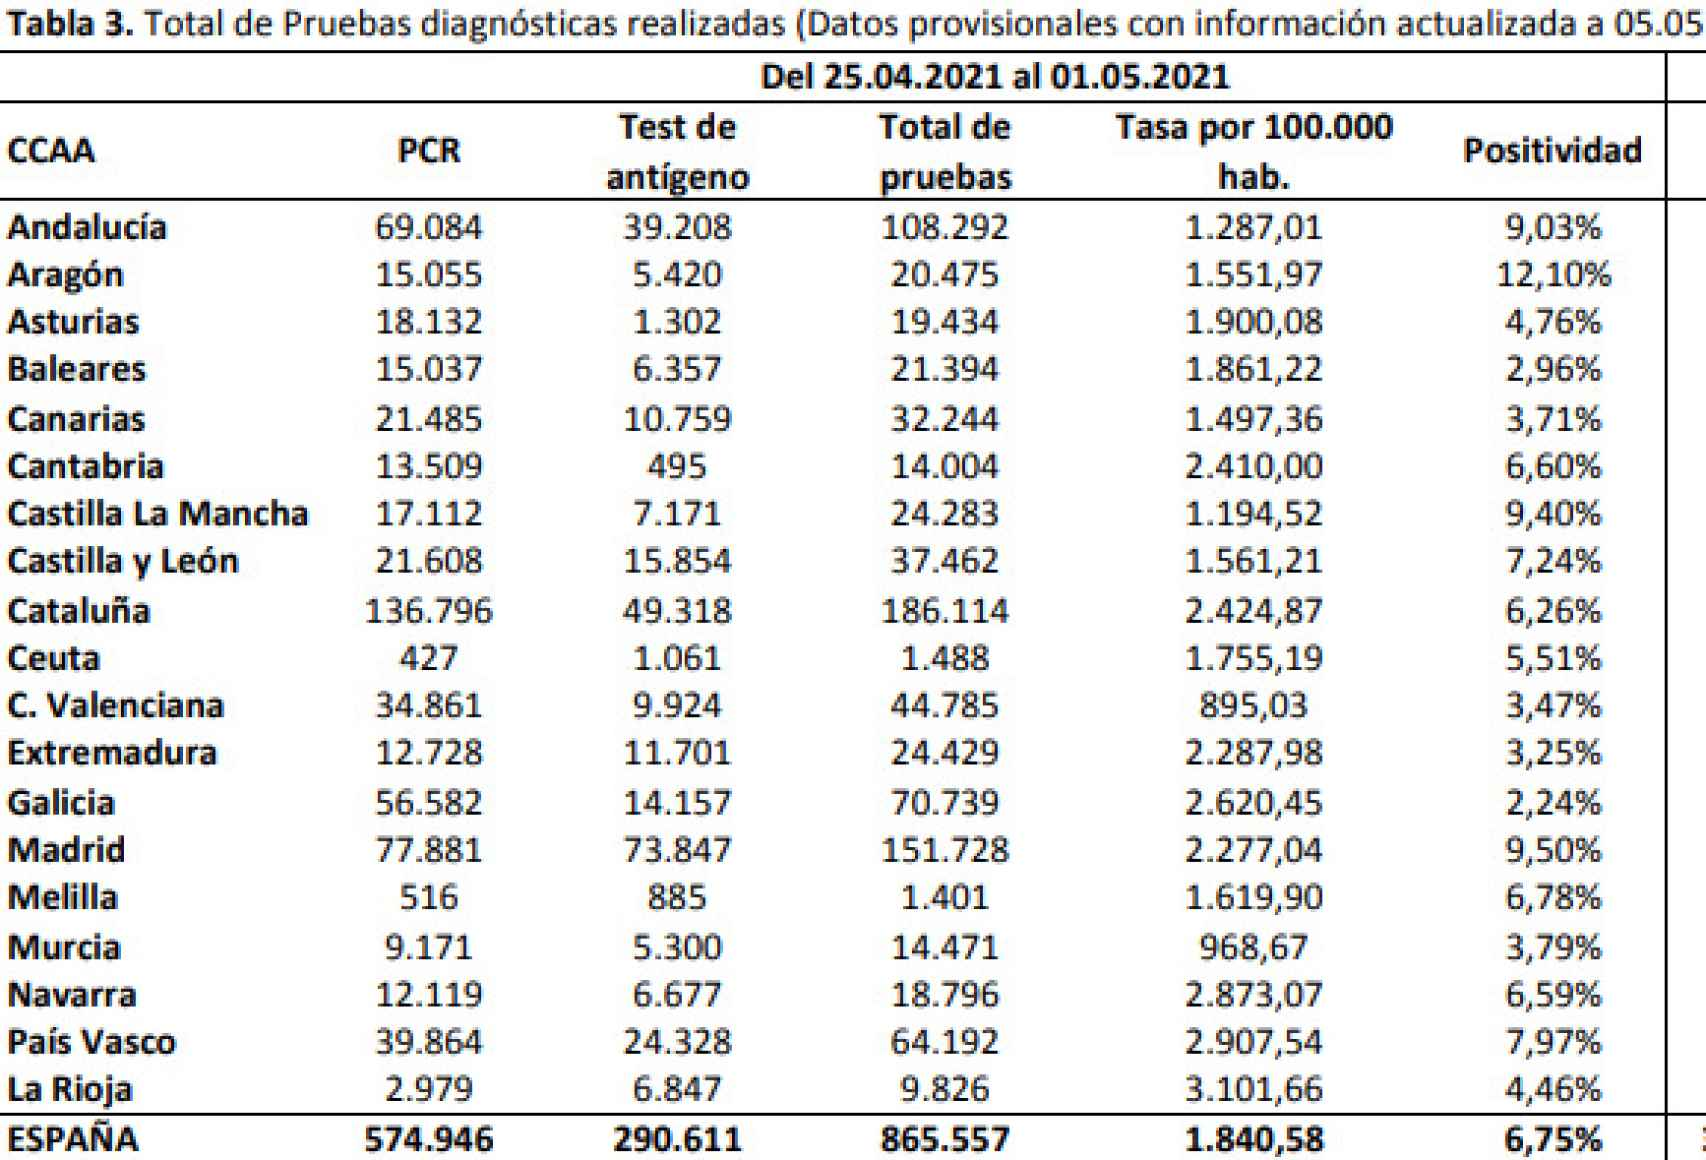 Total de pruebas realizadas por CC.AA.